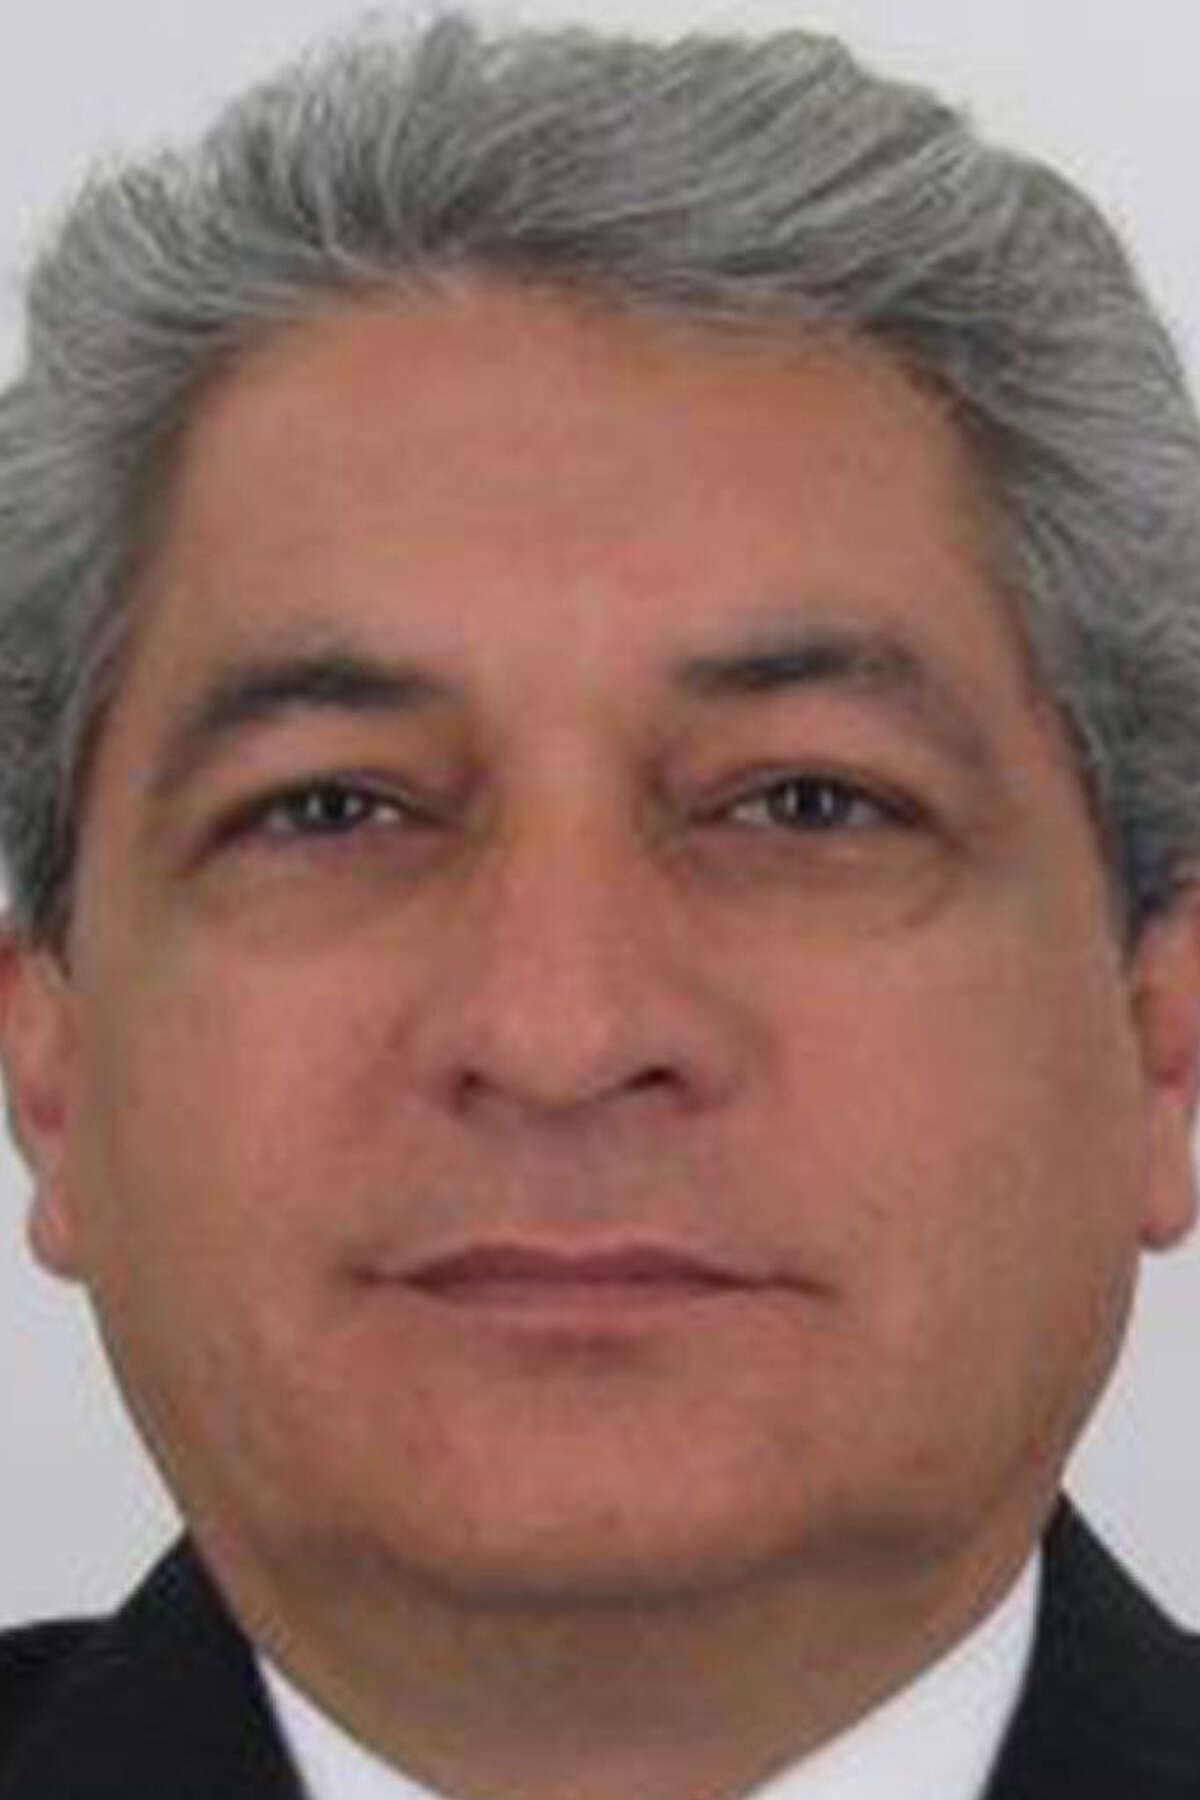 Tomás Yarrington Ruvalcaba was governor of Tamaulipas from 1999 to 2004.